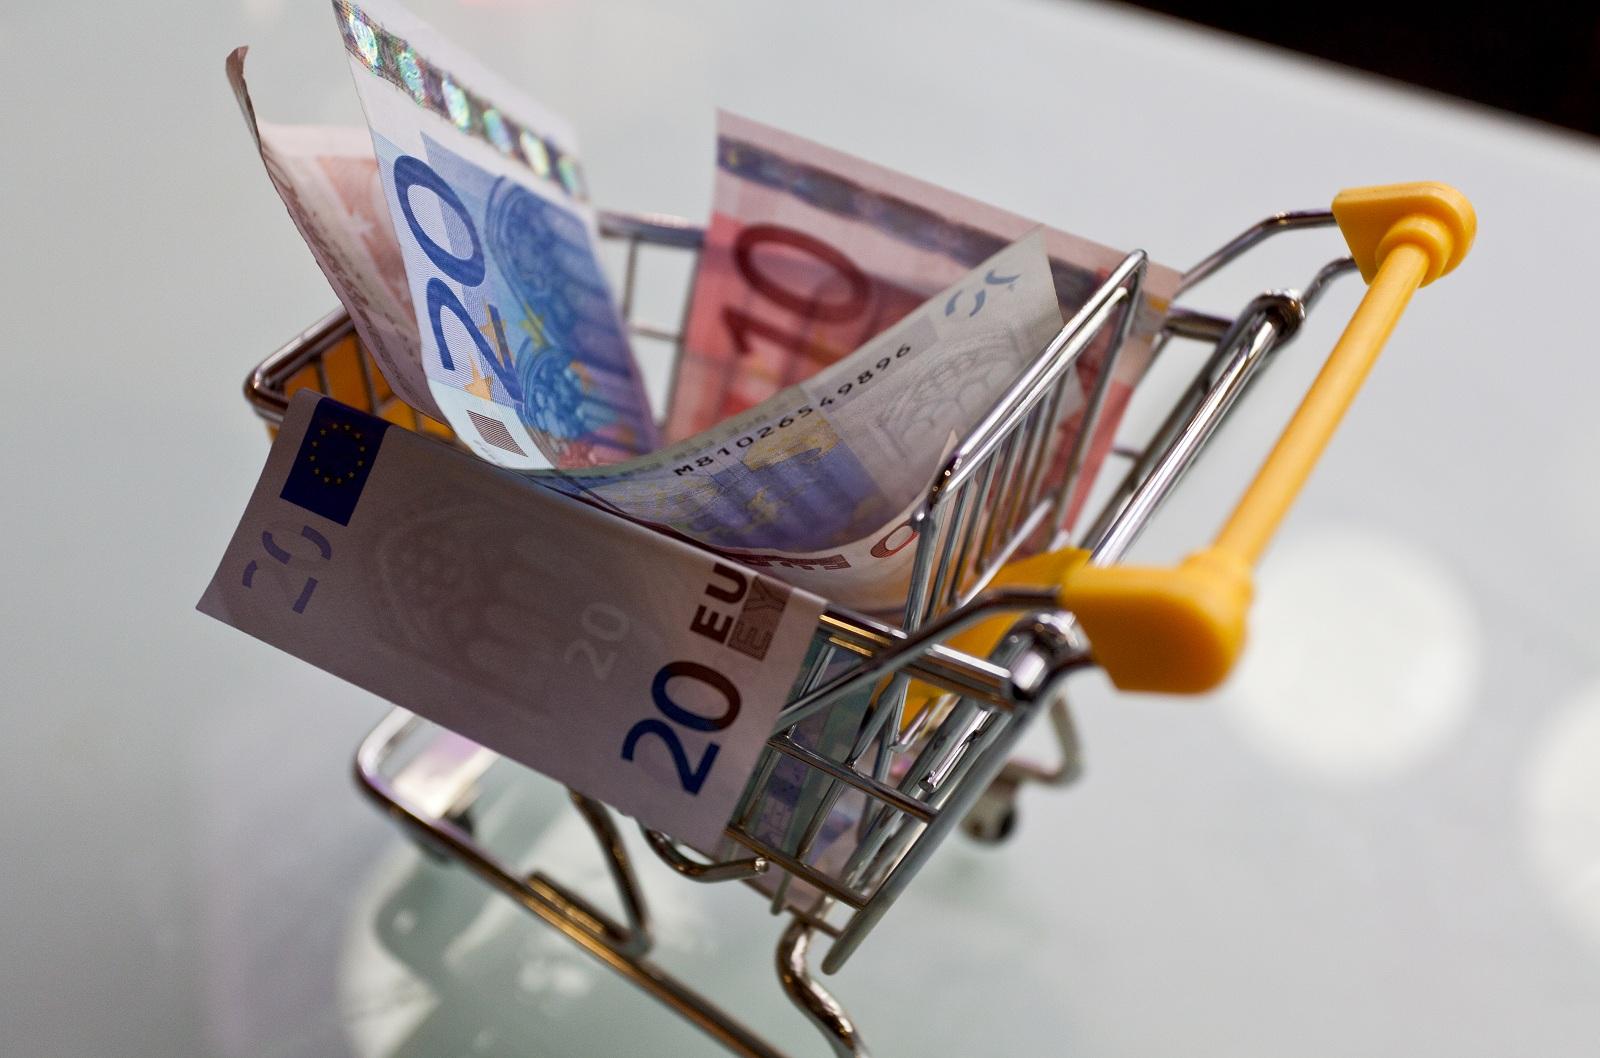 Come investire i propri risparmi